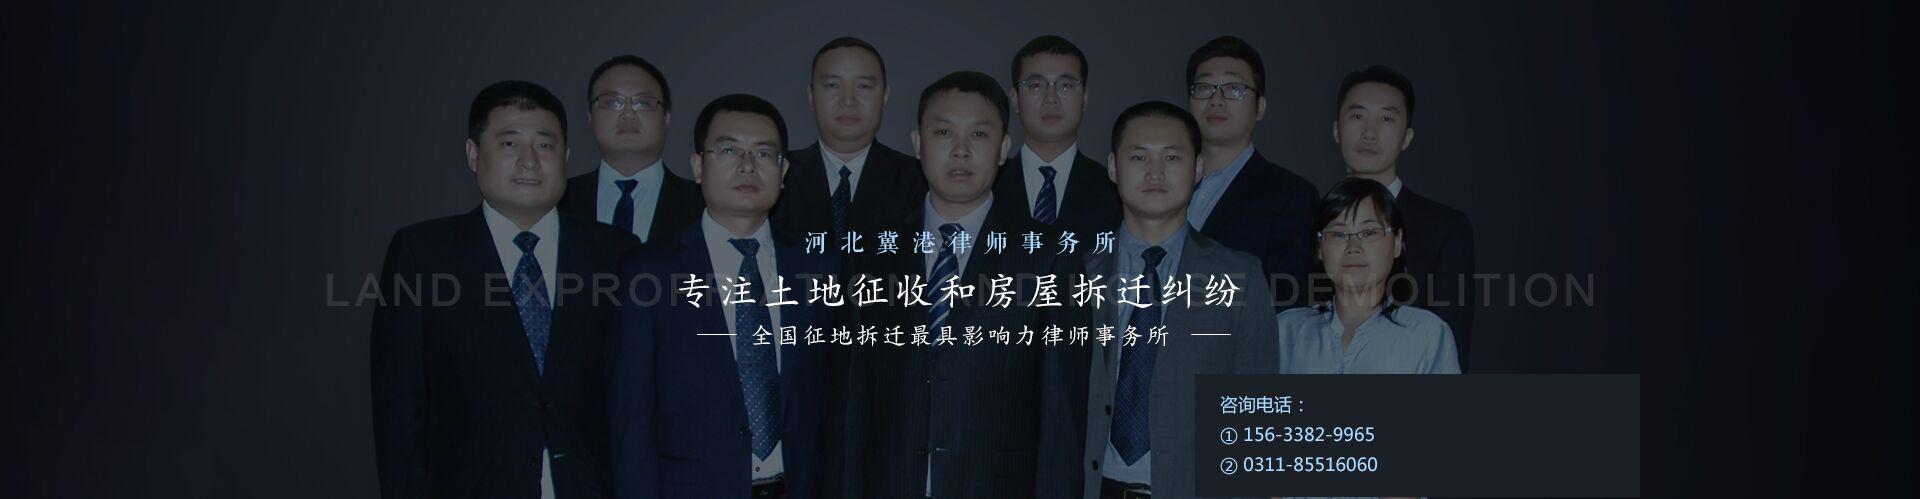 冀港律师事务所